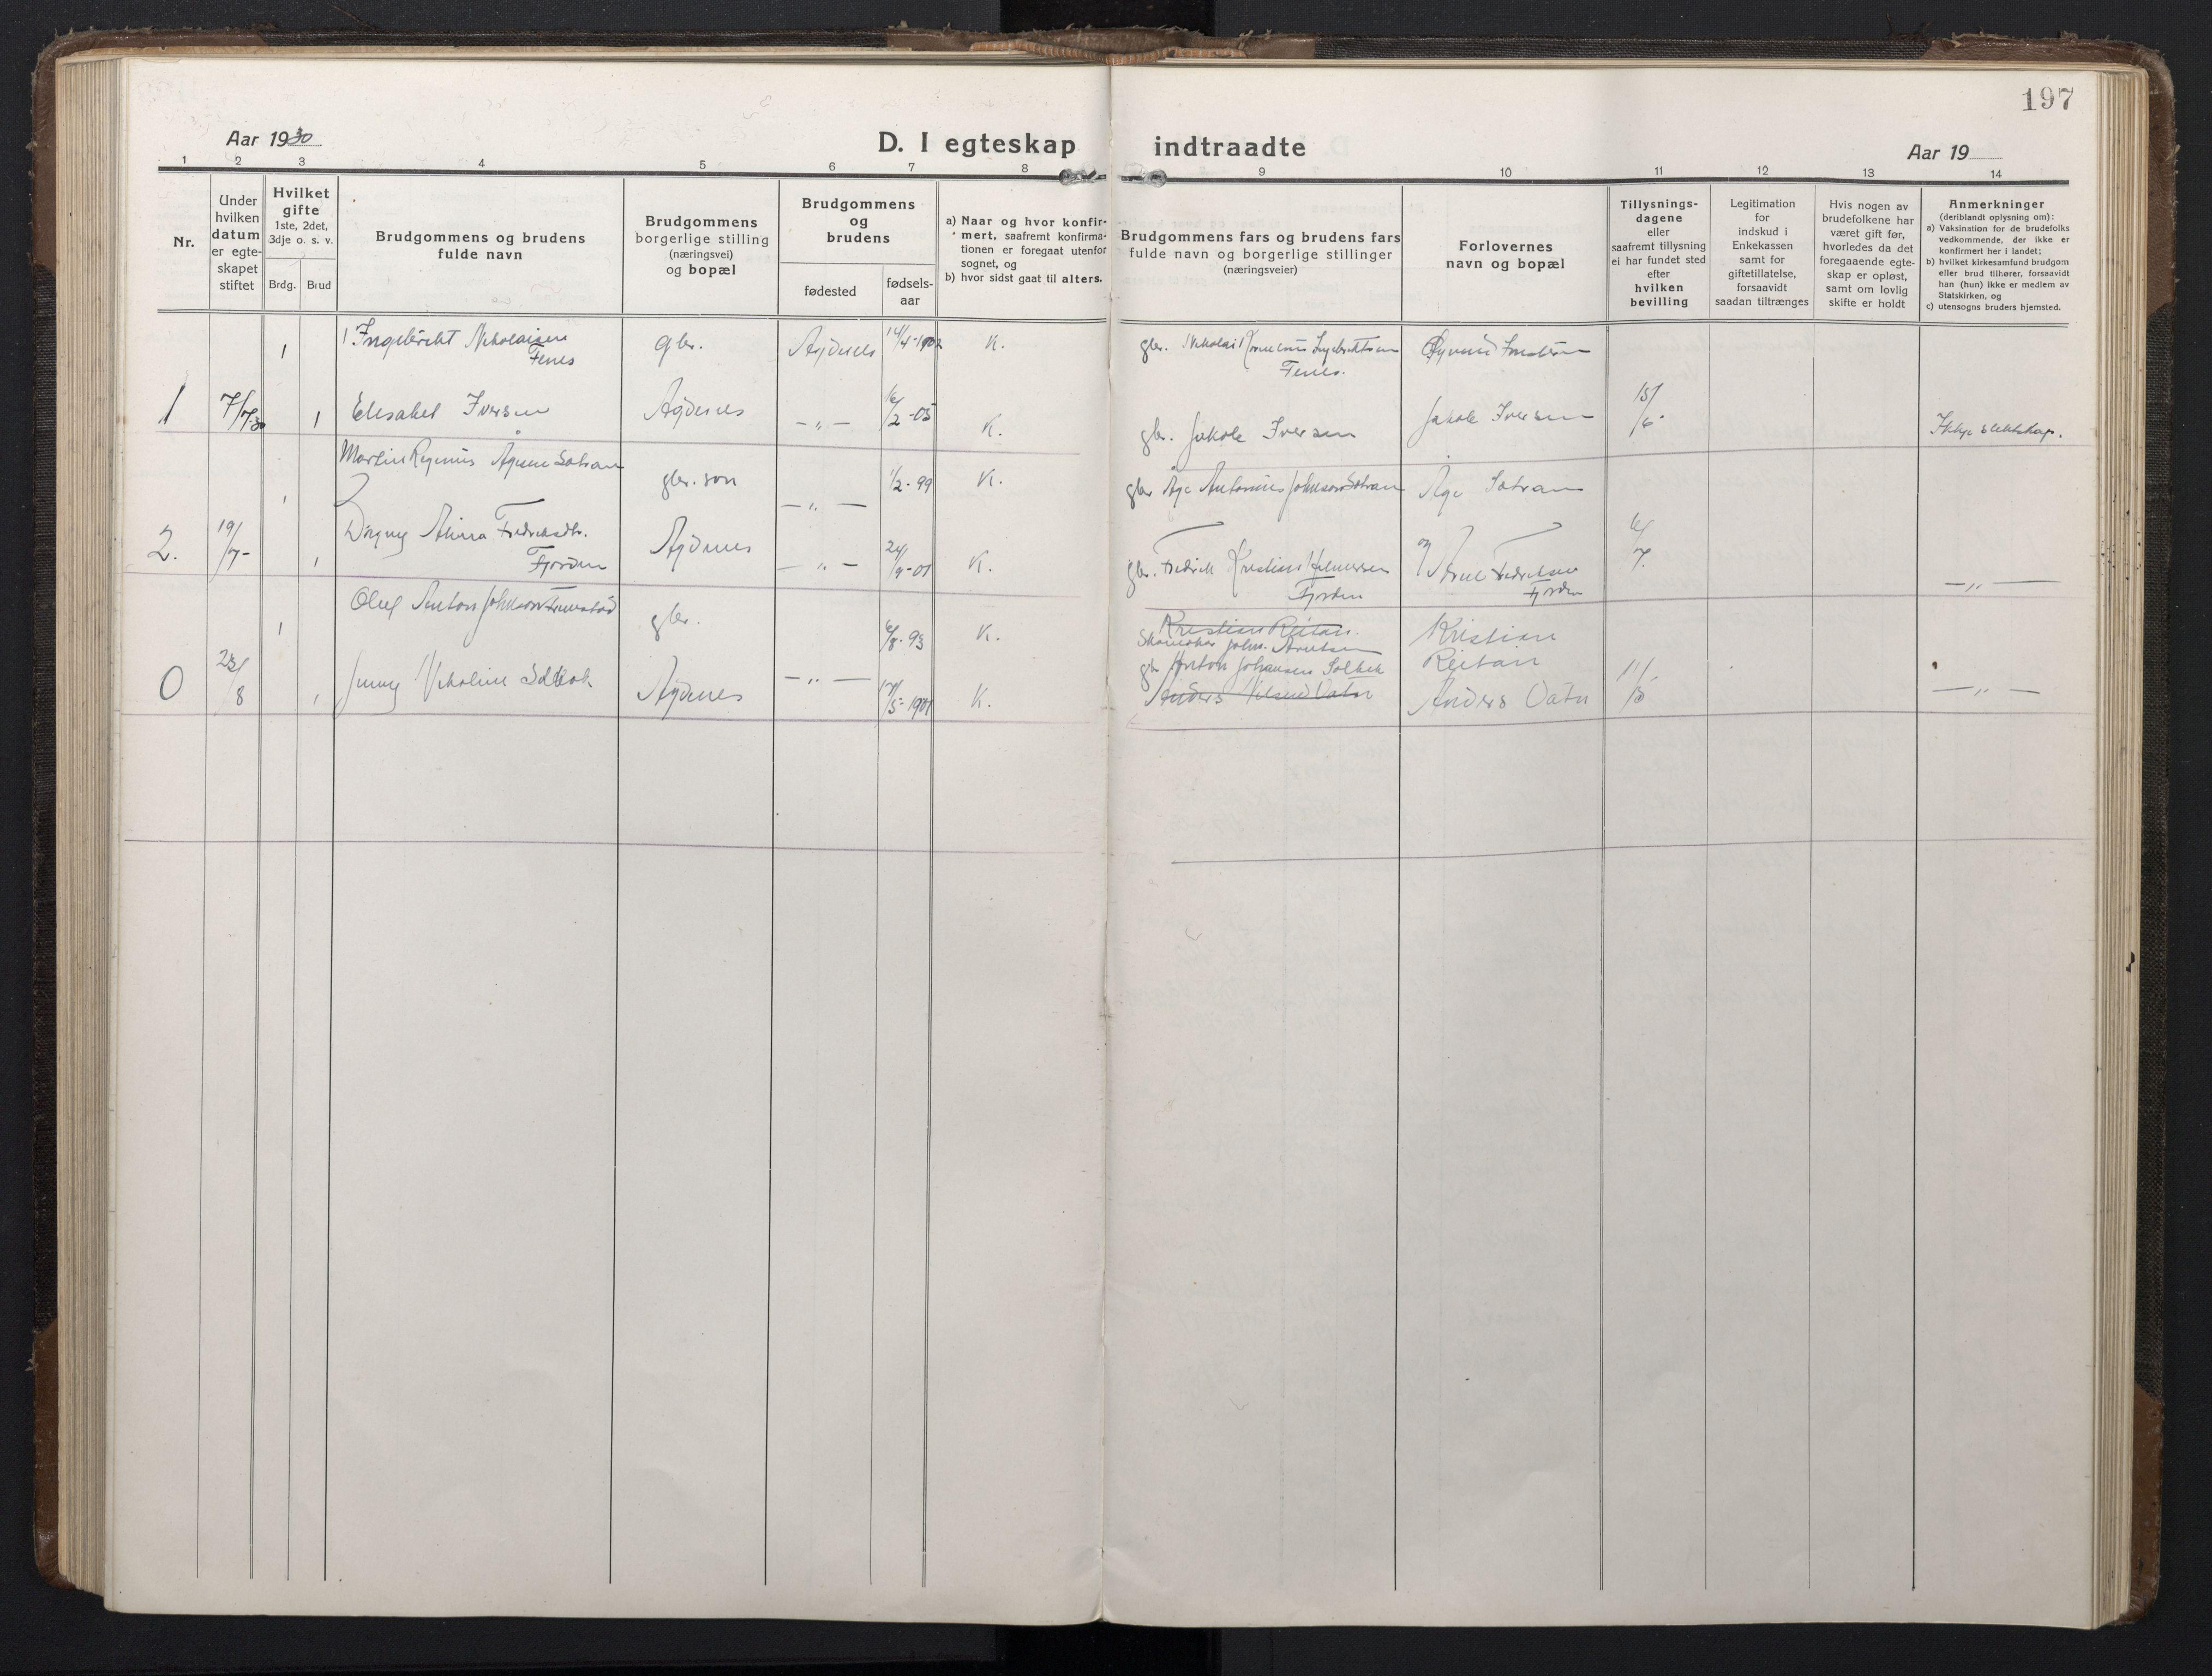 SAT, Ministerialprotokoller, klokkerbøker og fødselsregistre - Sør-Trøndelag, 662/L0758: Klokkerbok nr. 662C03, 1918-1948, s. 197